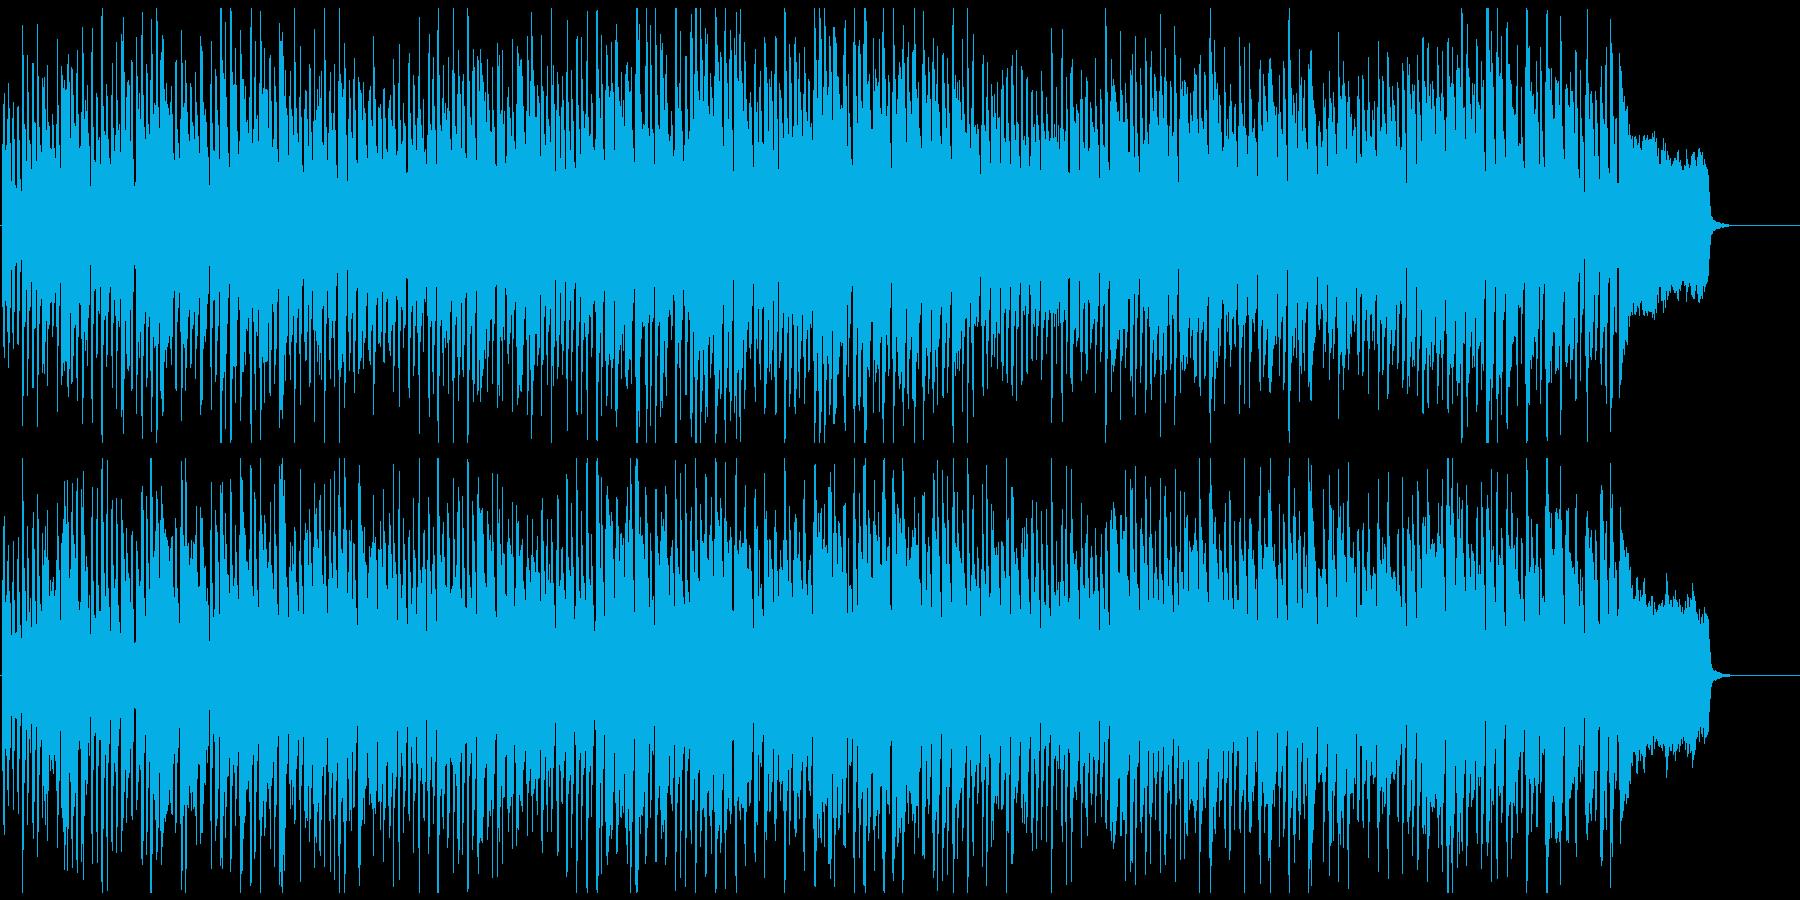 バラエティ系のウキウキ軽快なリコーダー曲の再生済みの波形